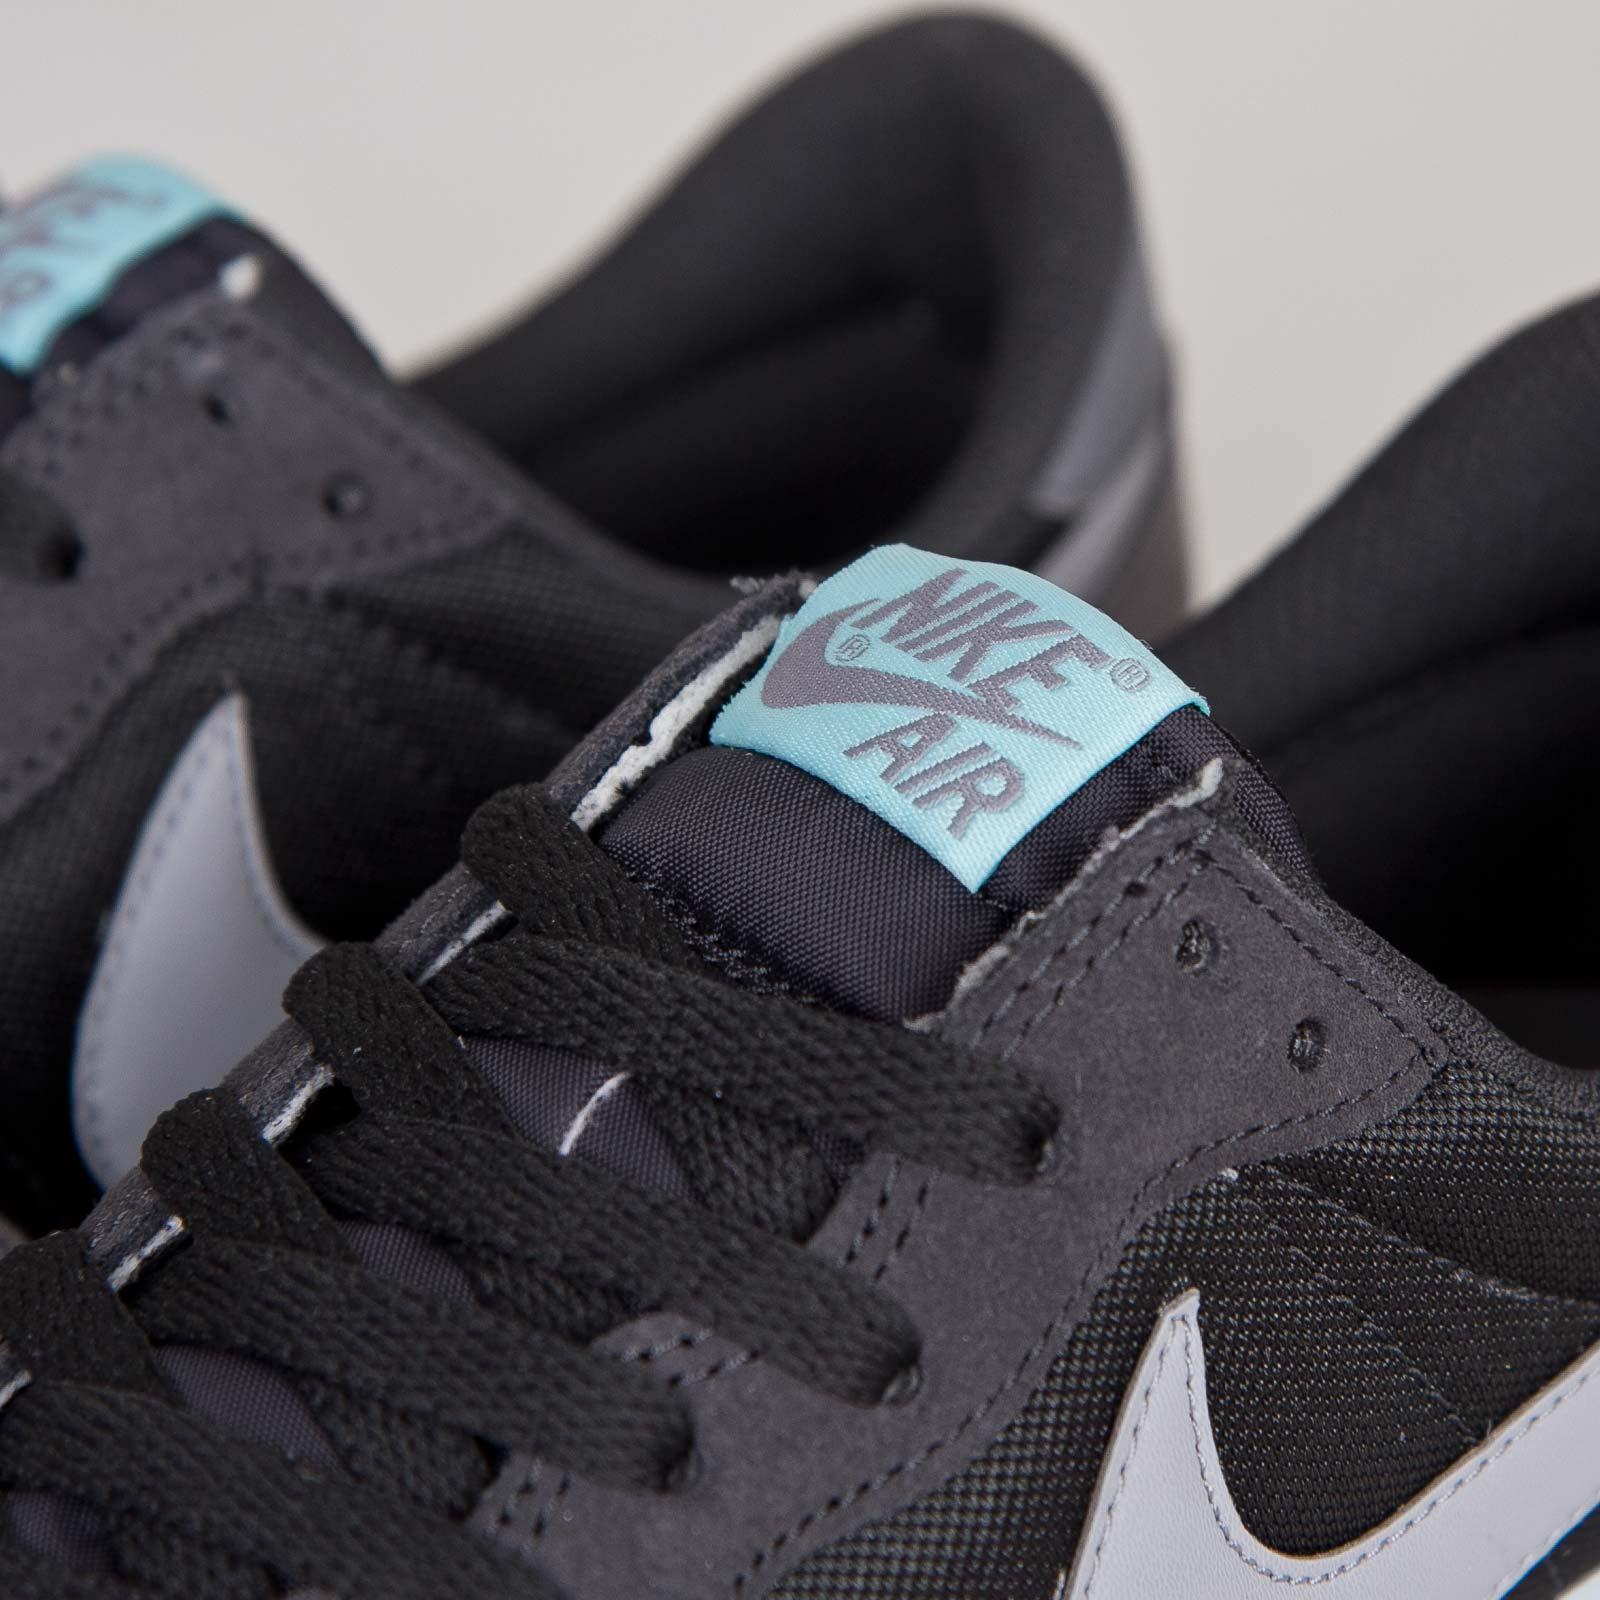 b6c1542bac7 Nike Air Pegasus 83 - 599124-009 - Sneakersnstuff